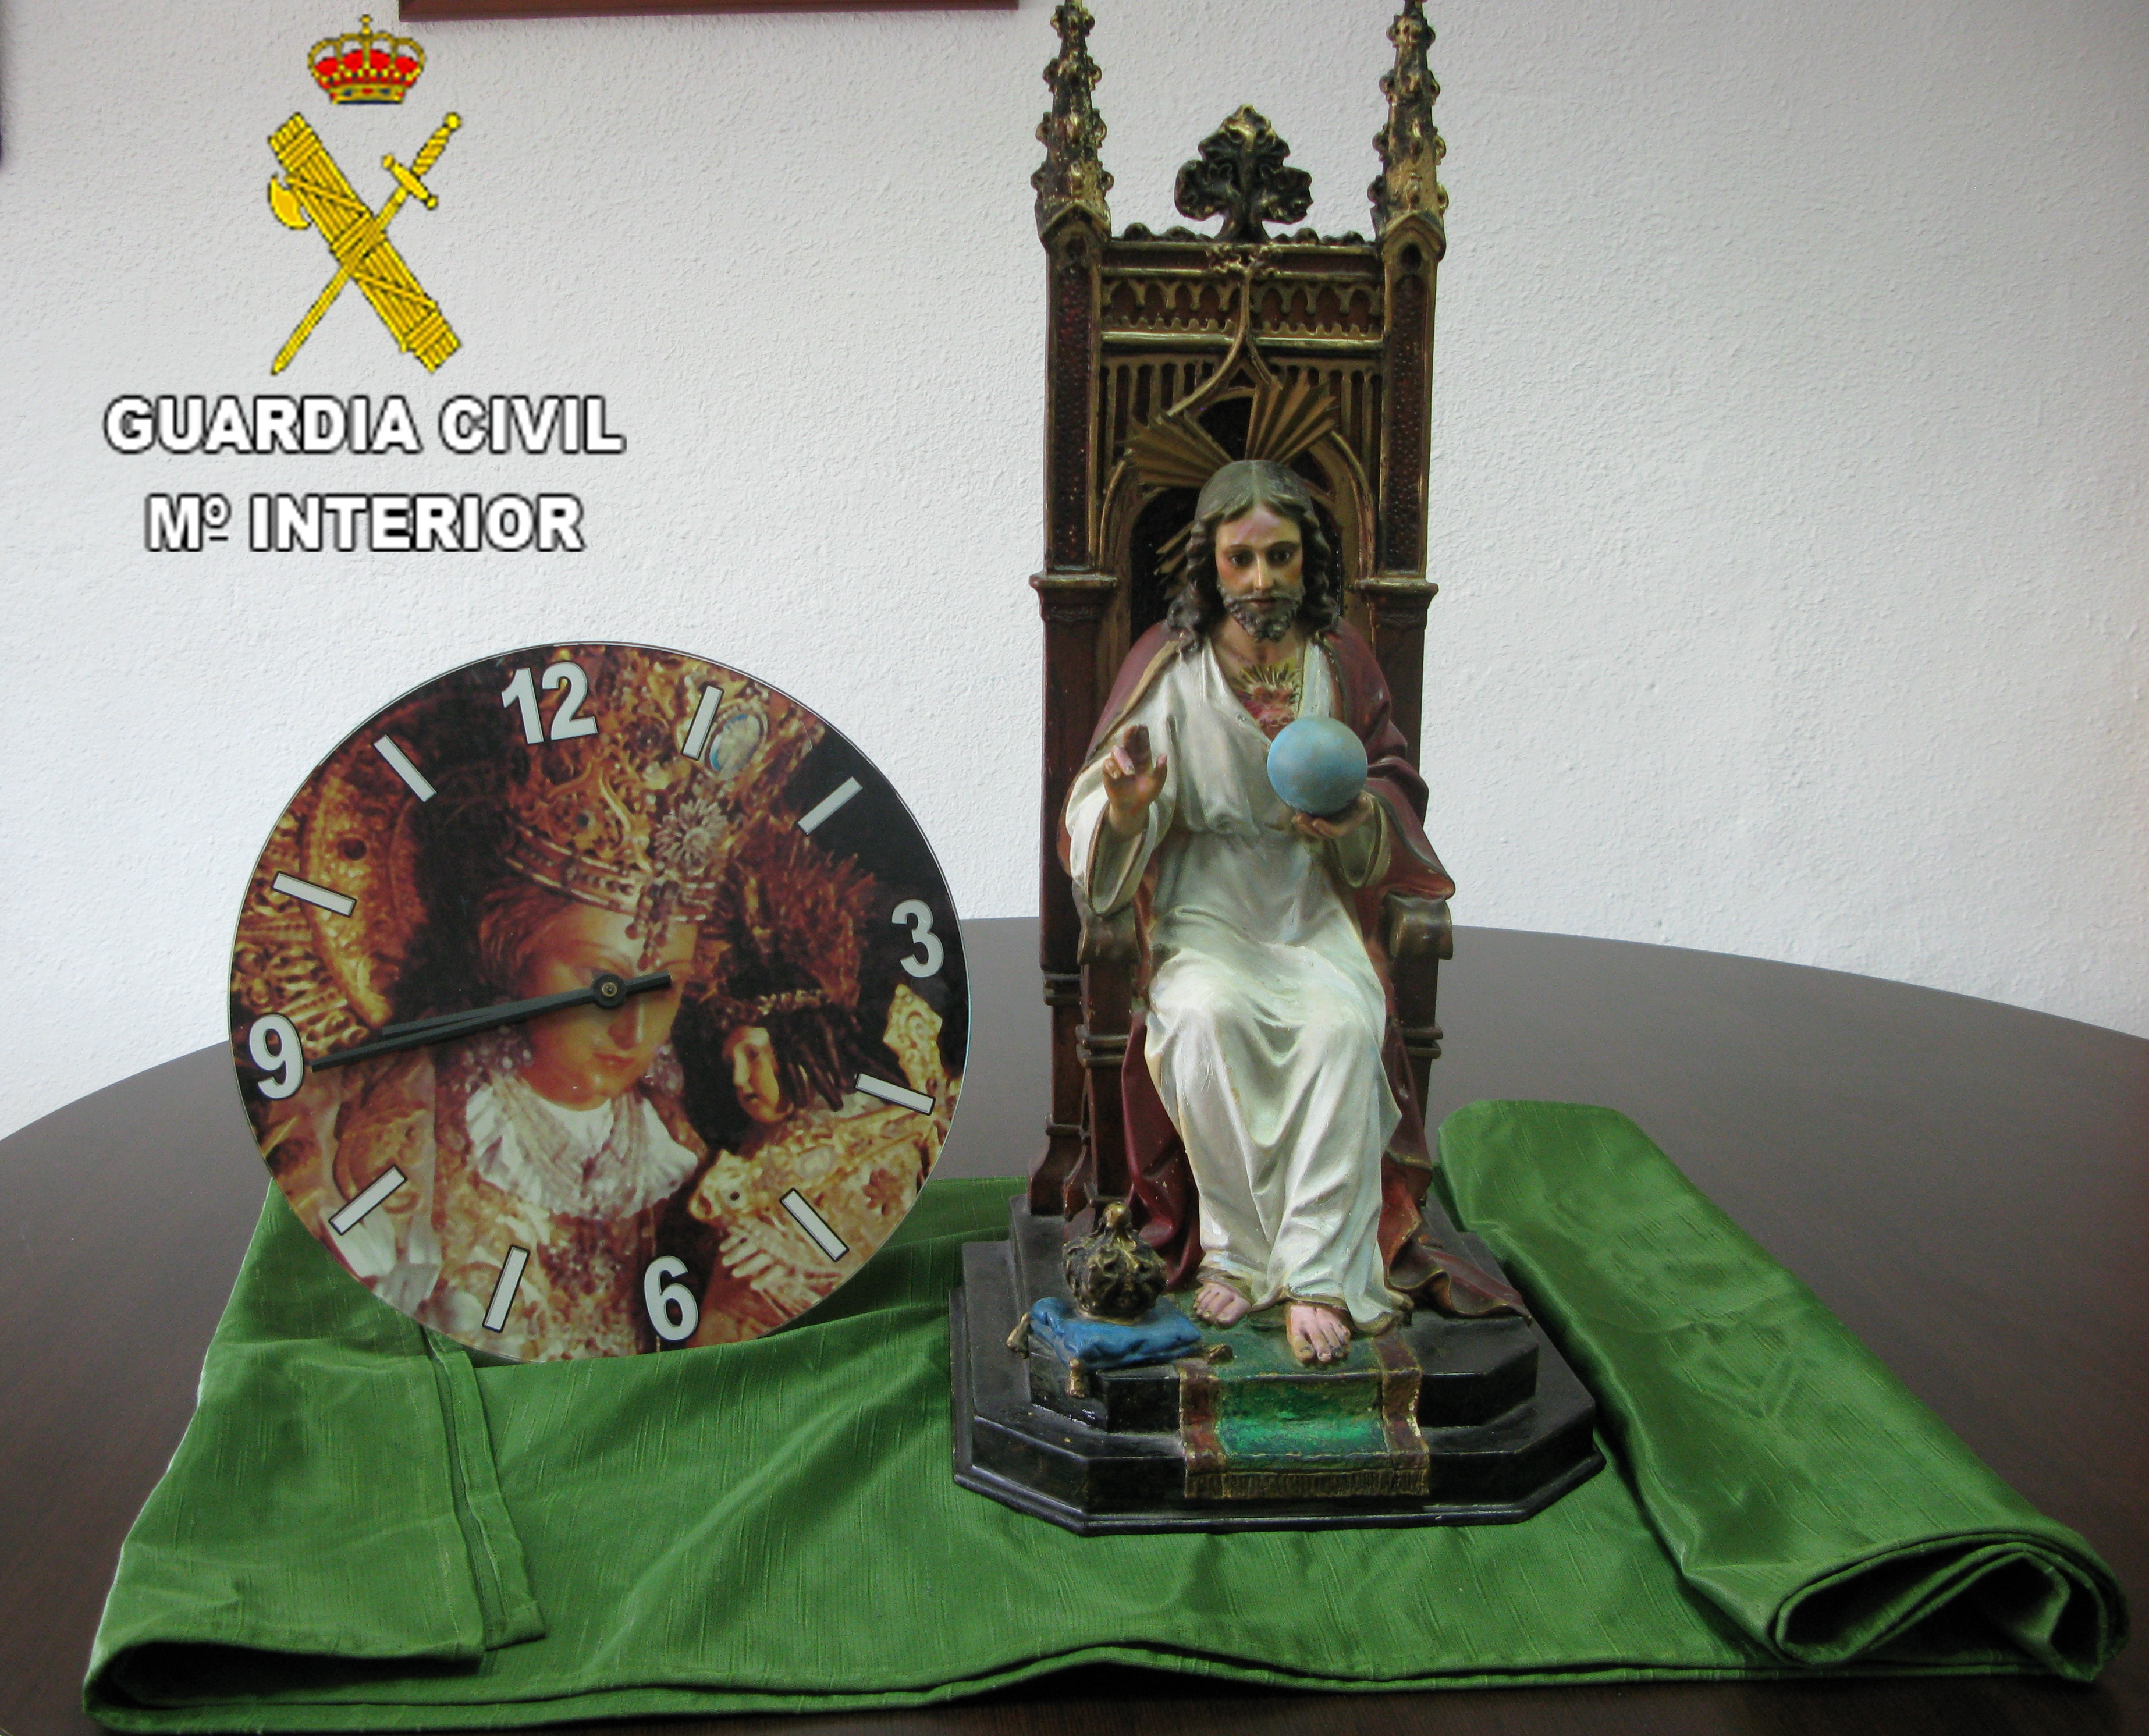 Los agentes en el registro realizado en el domicilio del detenido localizaron los efectos que se trataban de un Cristo Rey en su trono con una altura de 50 cm, un reloj de pared con la imagen de la Virgen y una tela ornamental.